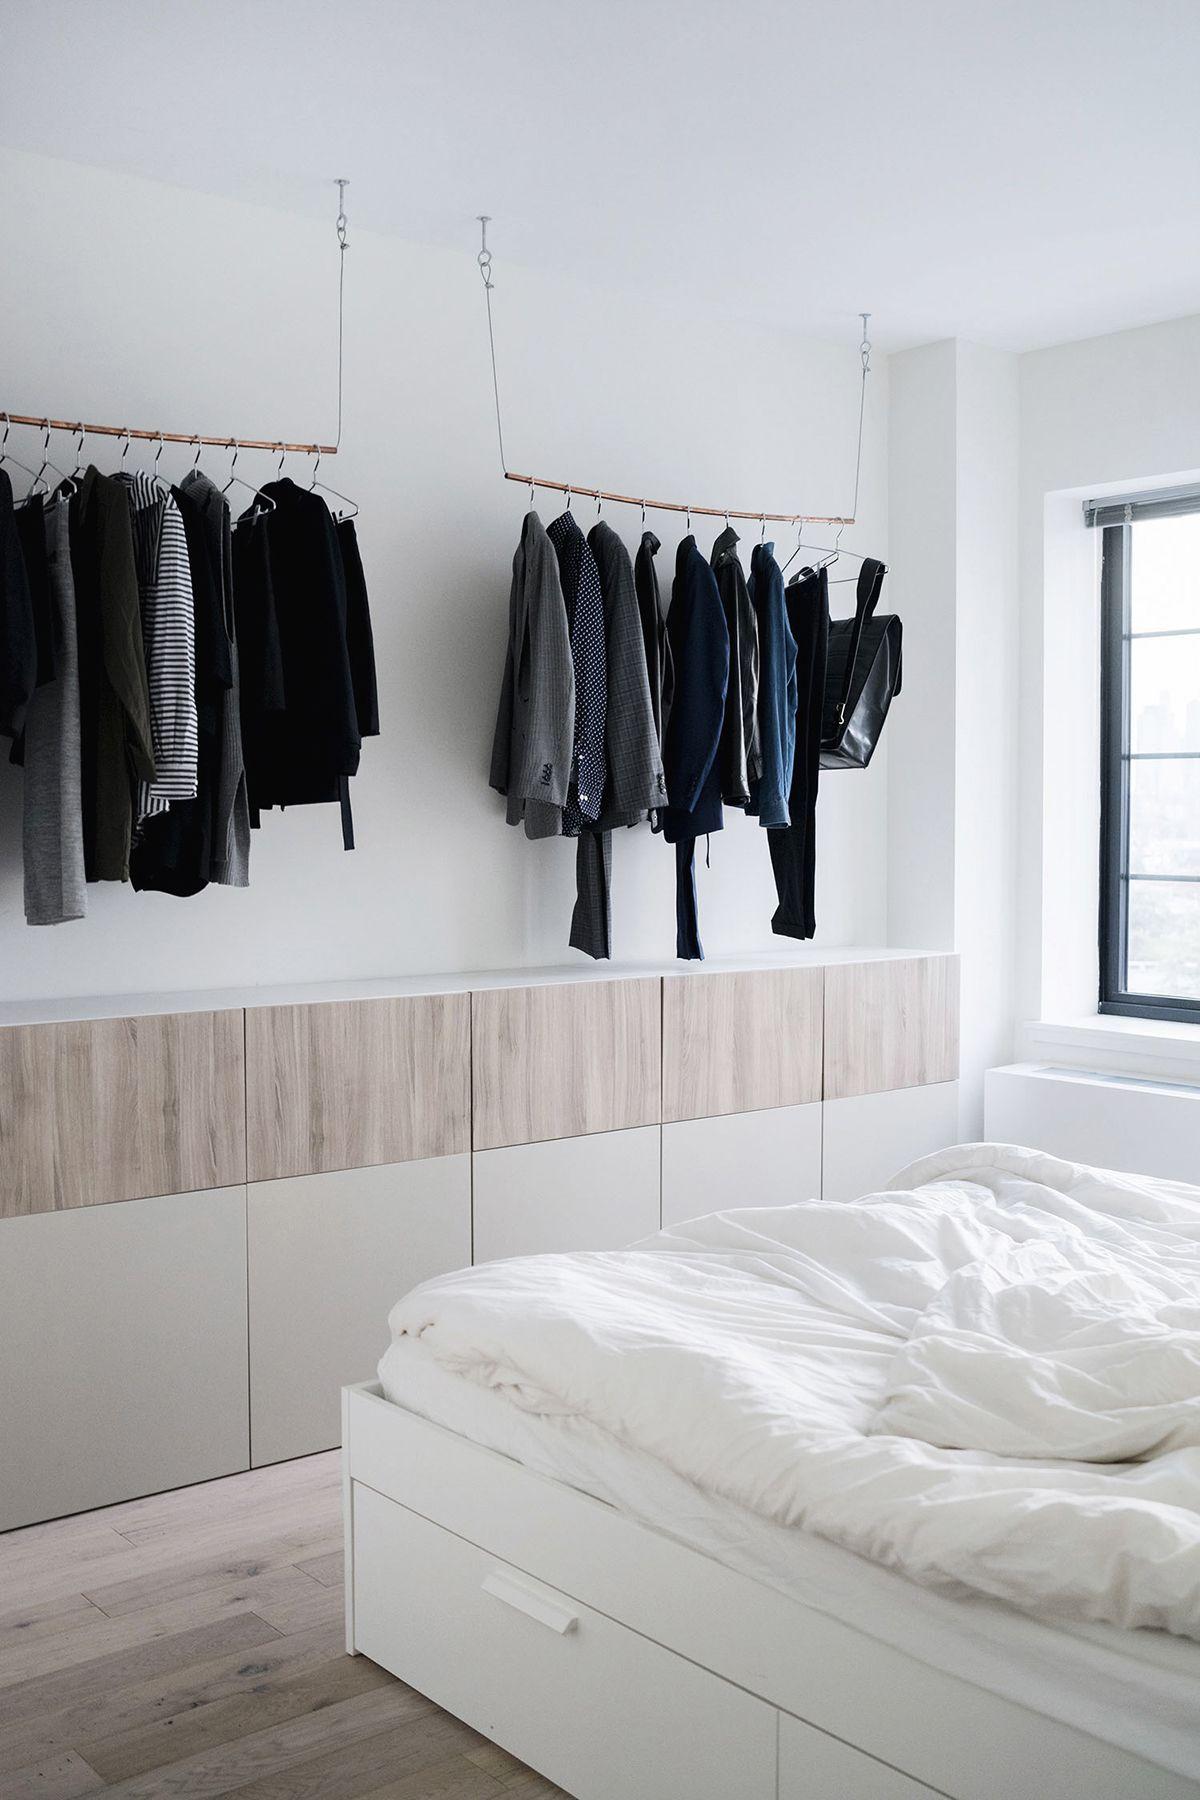 IKEA Besta wall unit + copper pipe hanging clothes rack | Scandinavian,  industrial bedroom in